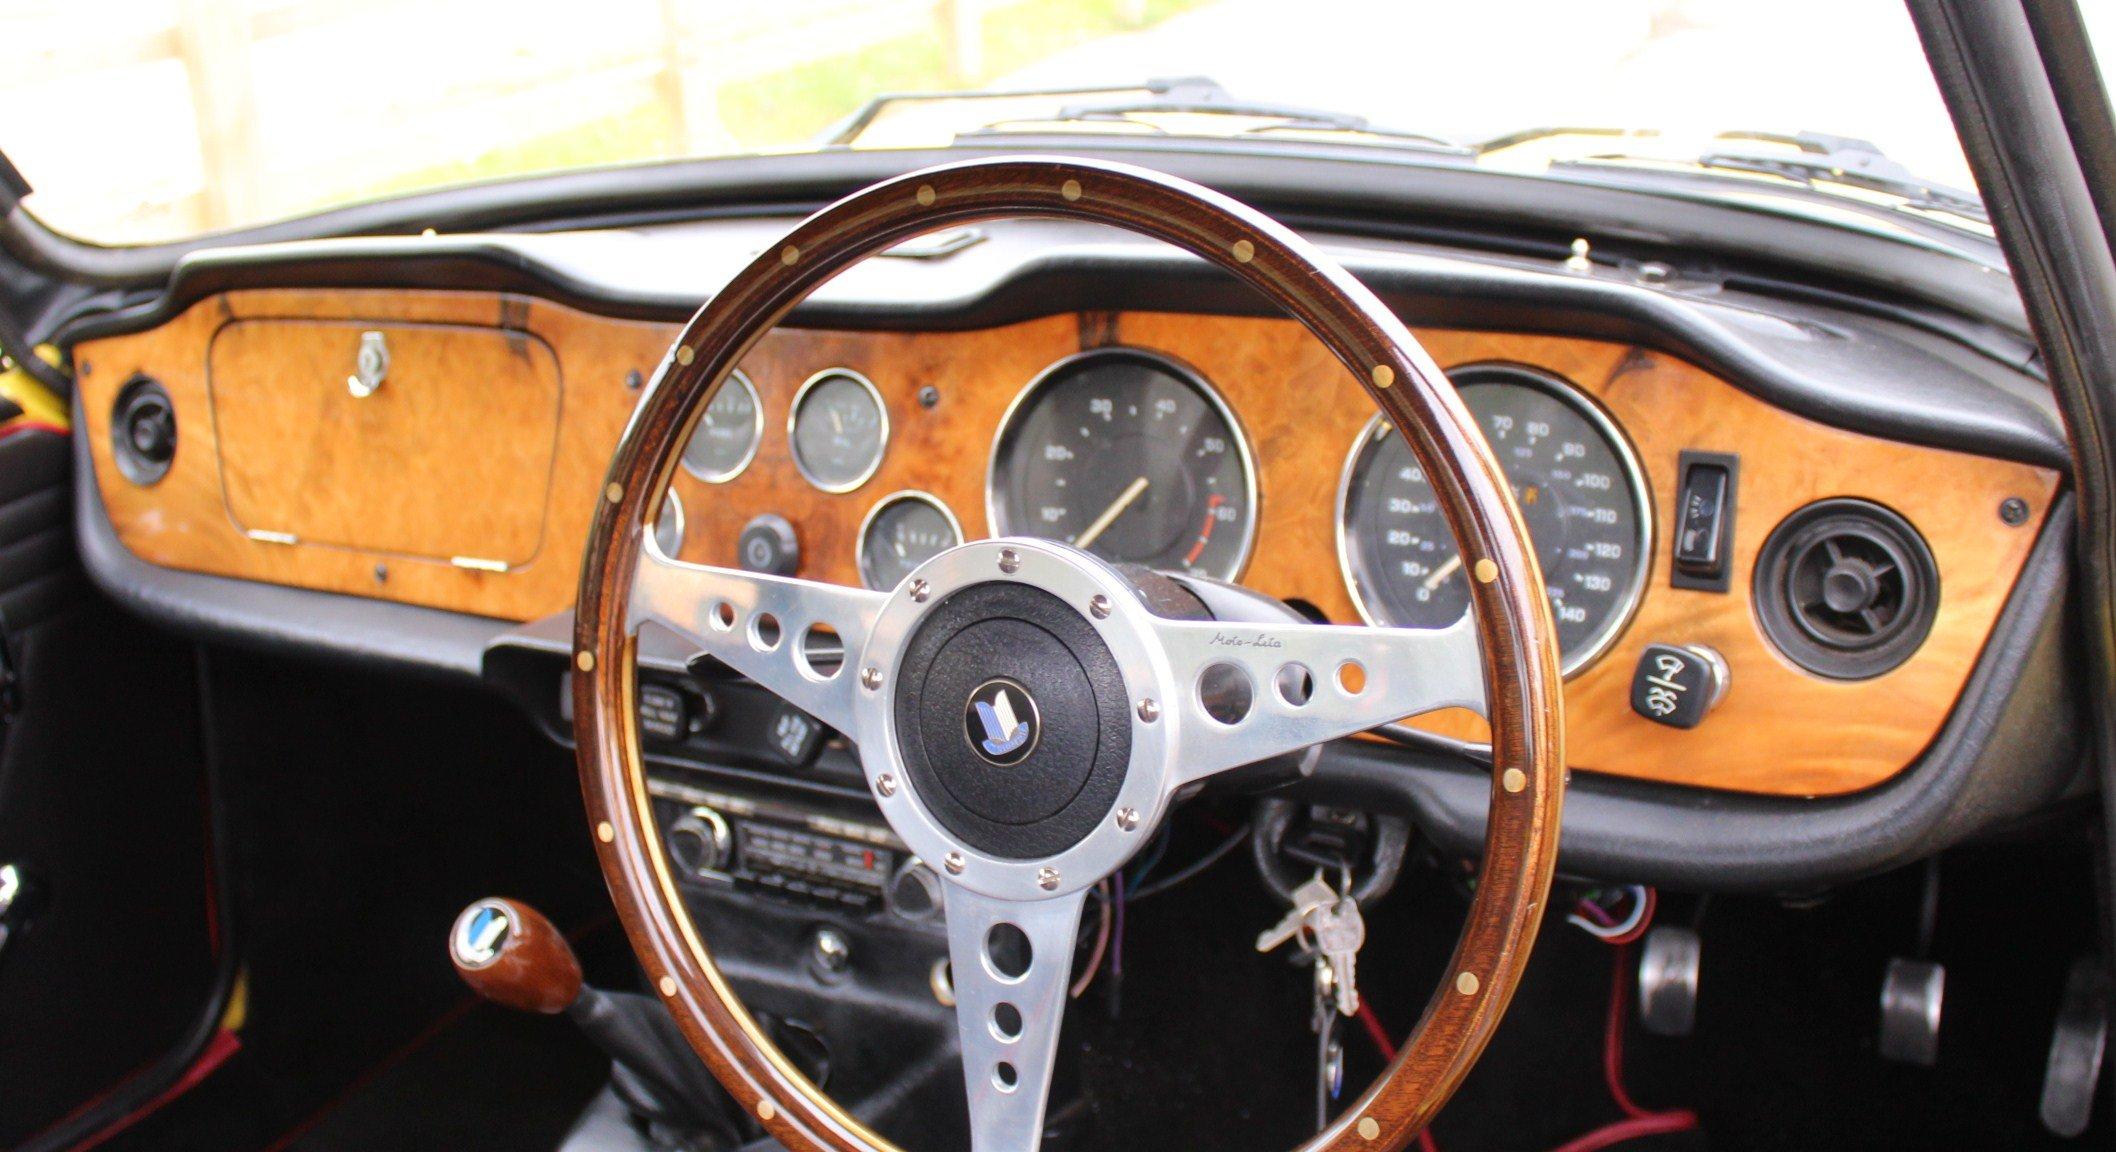 1973 Triumph TR6 With Stromburg Carburetors  BEAUTIFUL SOLD (picture 6 of 6)